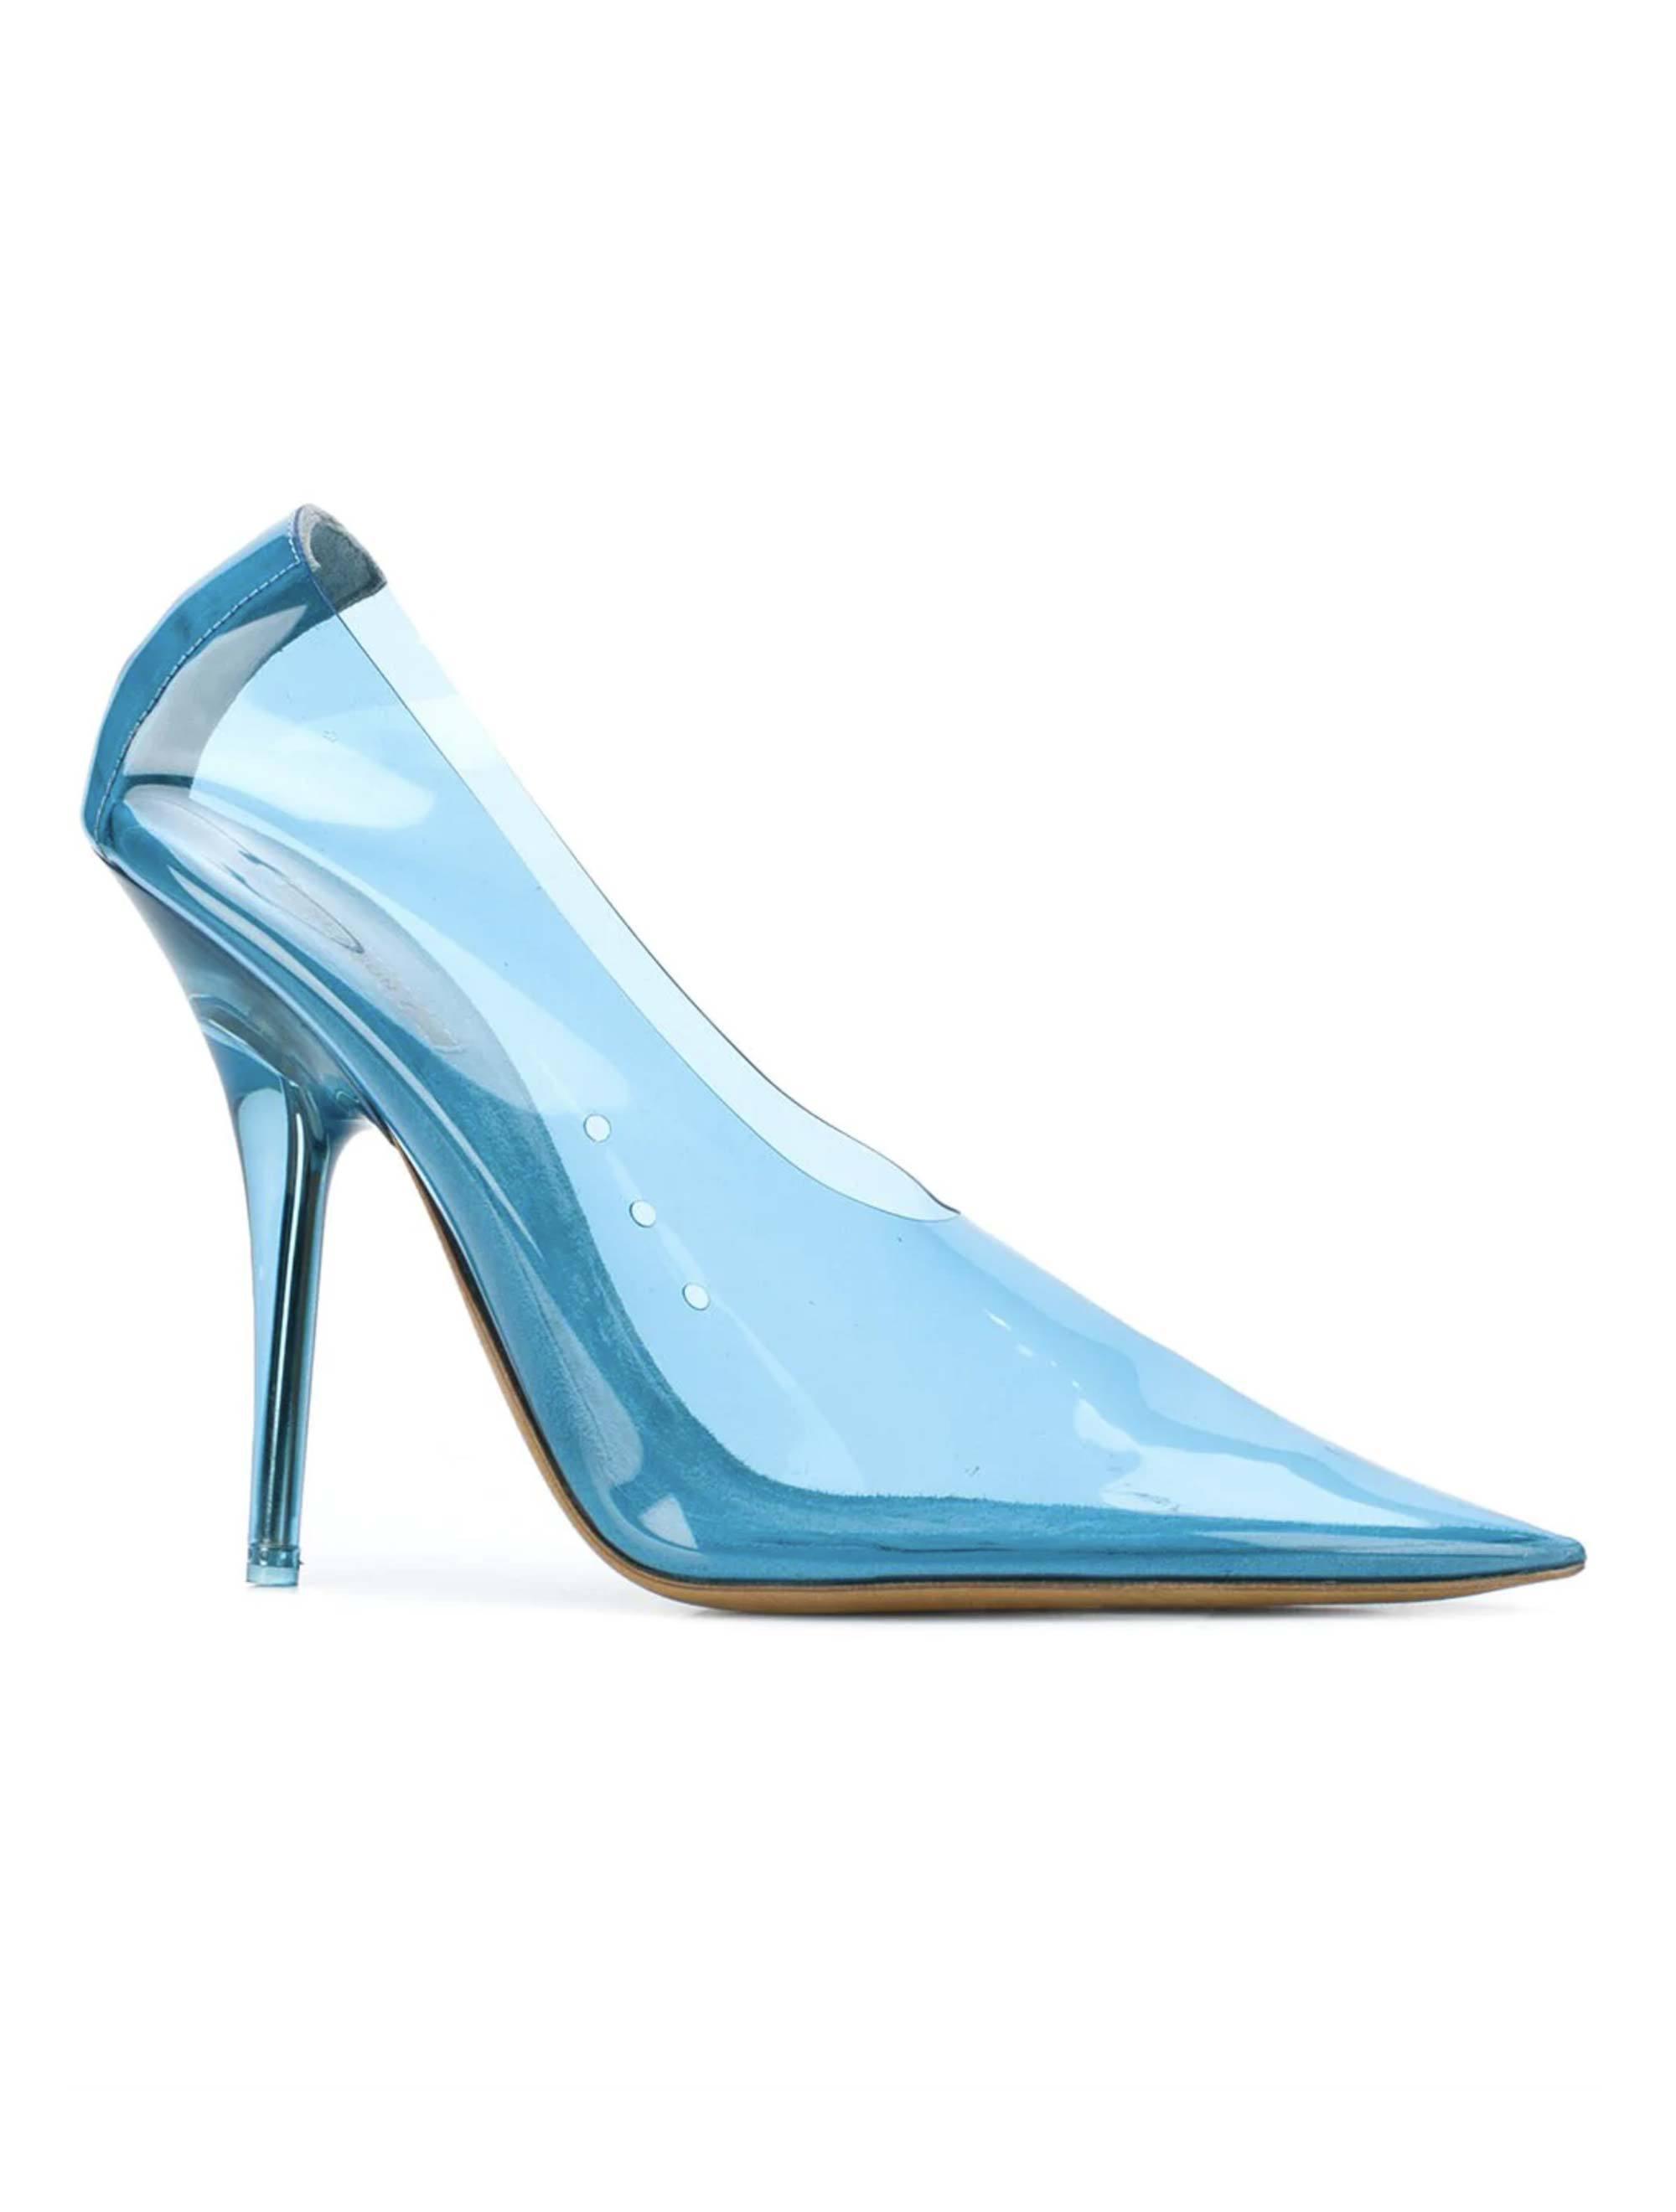 c14ce4136 Yeezy. Women s Blue Pvc Court Shoes